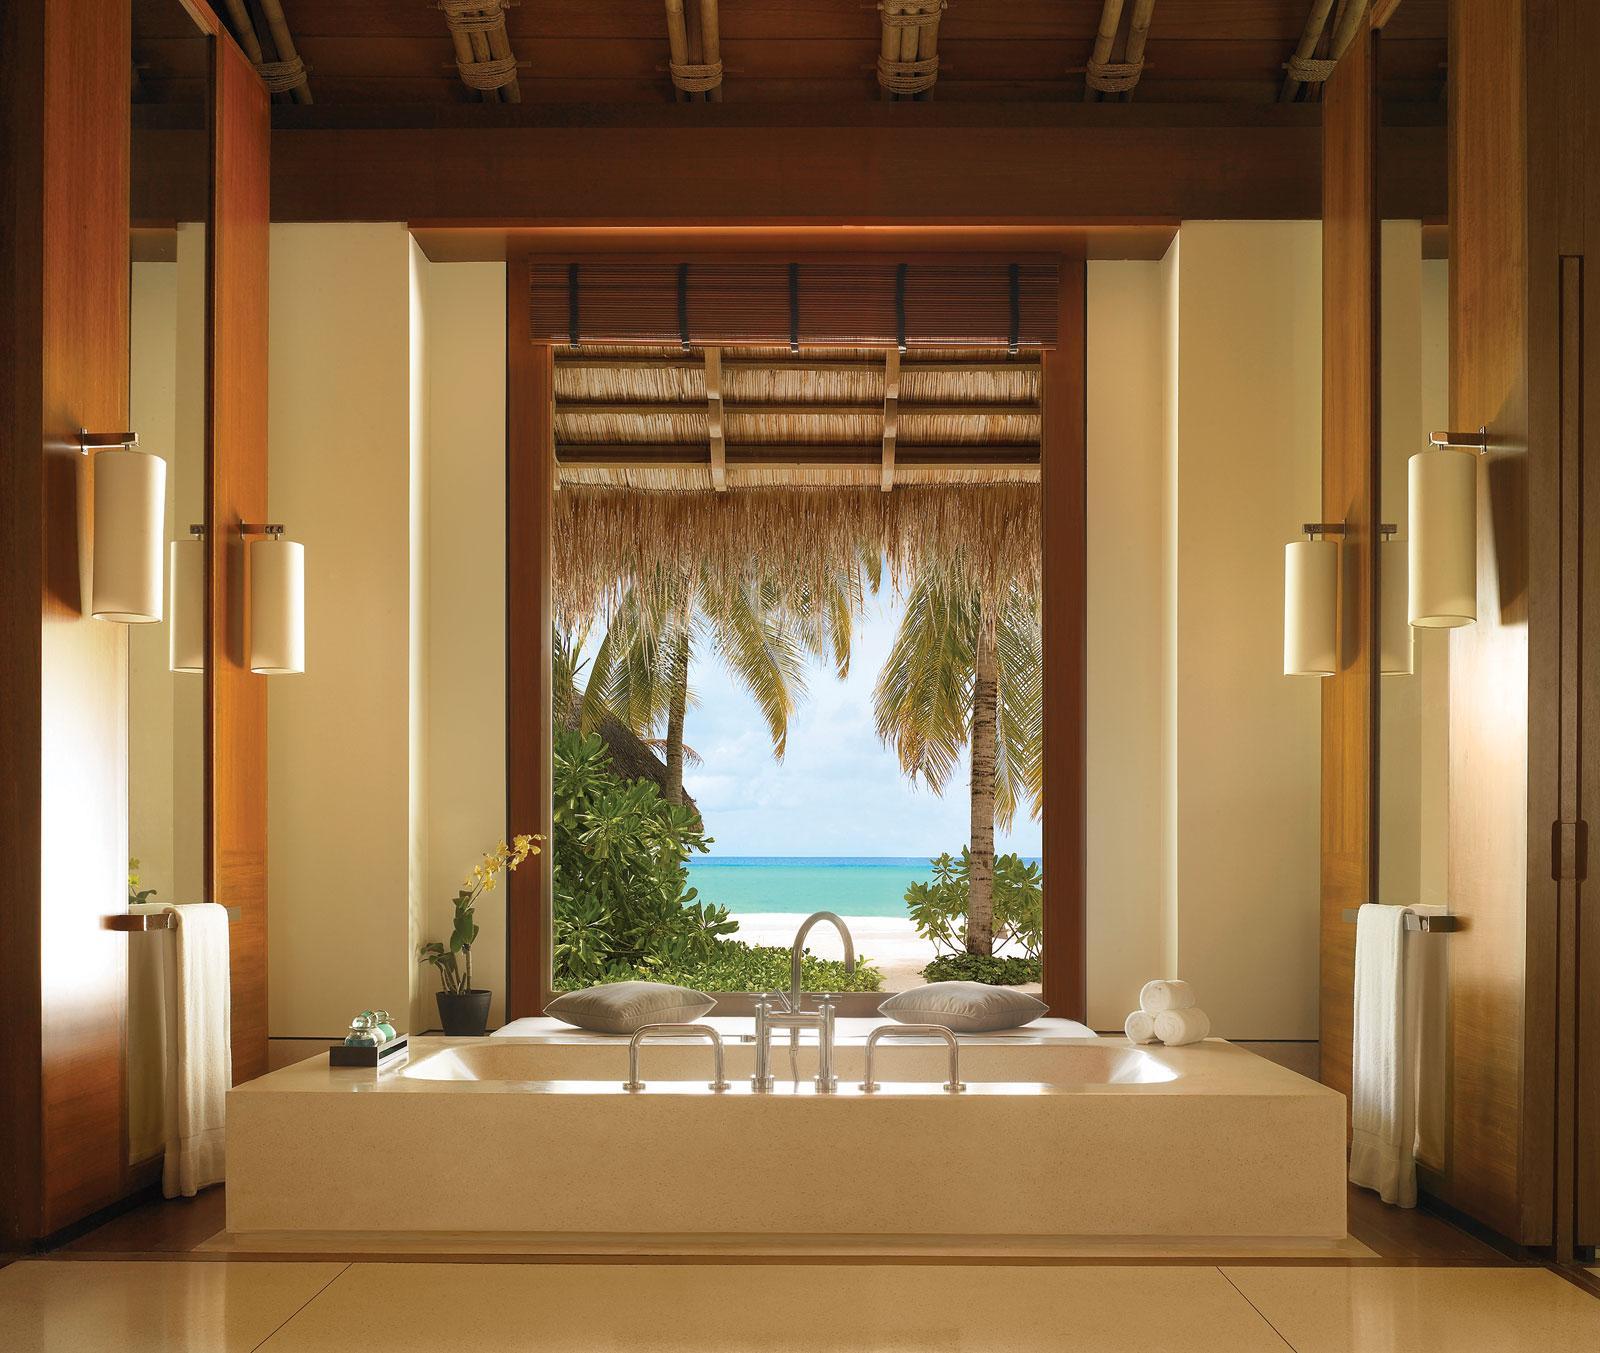 RAH BEACH BUNGALOW VILLA BATHROOM BATH MALDIVES WALLPAPER 107140 1600x1353